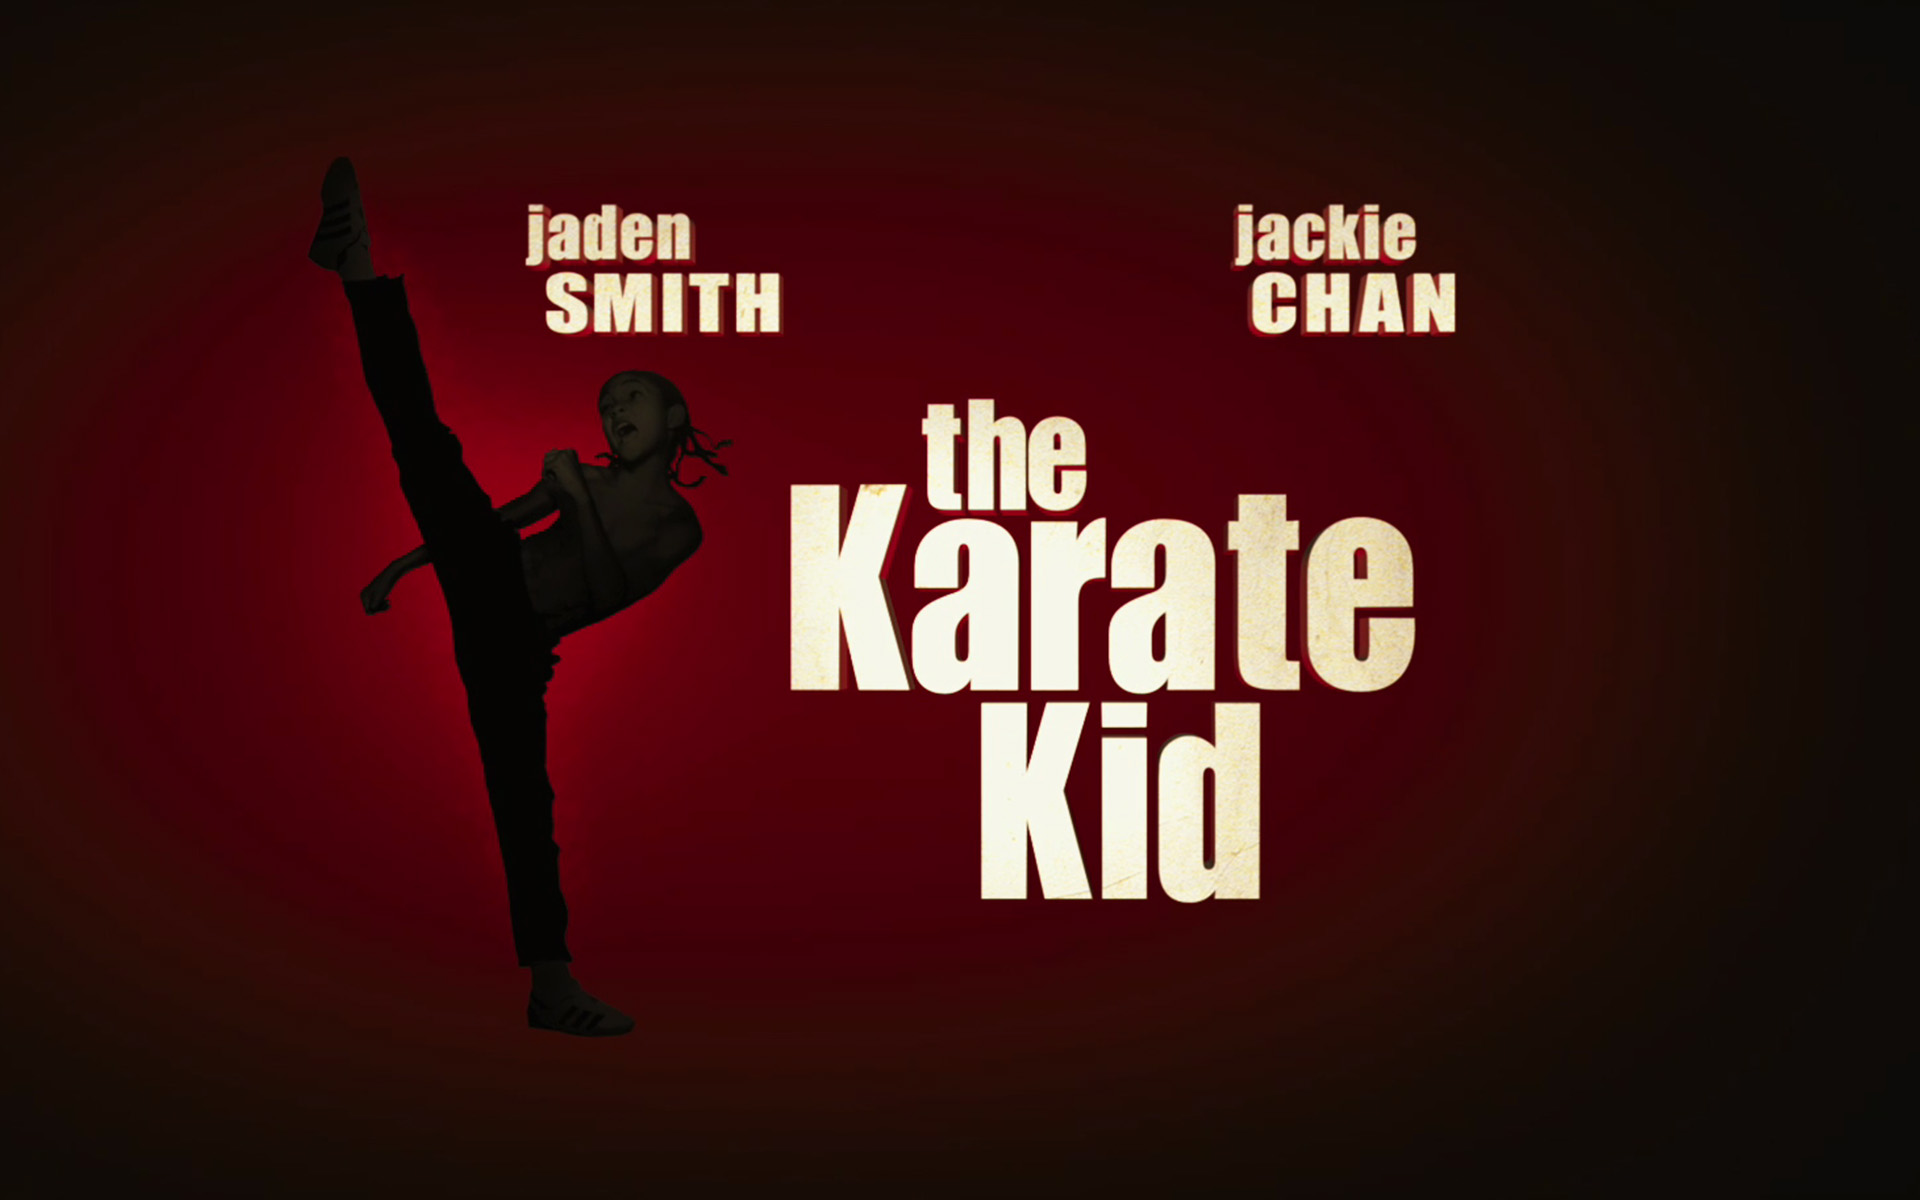 ... - The Karat... Karate Wallpaper